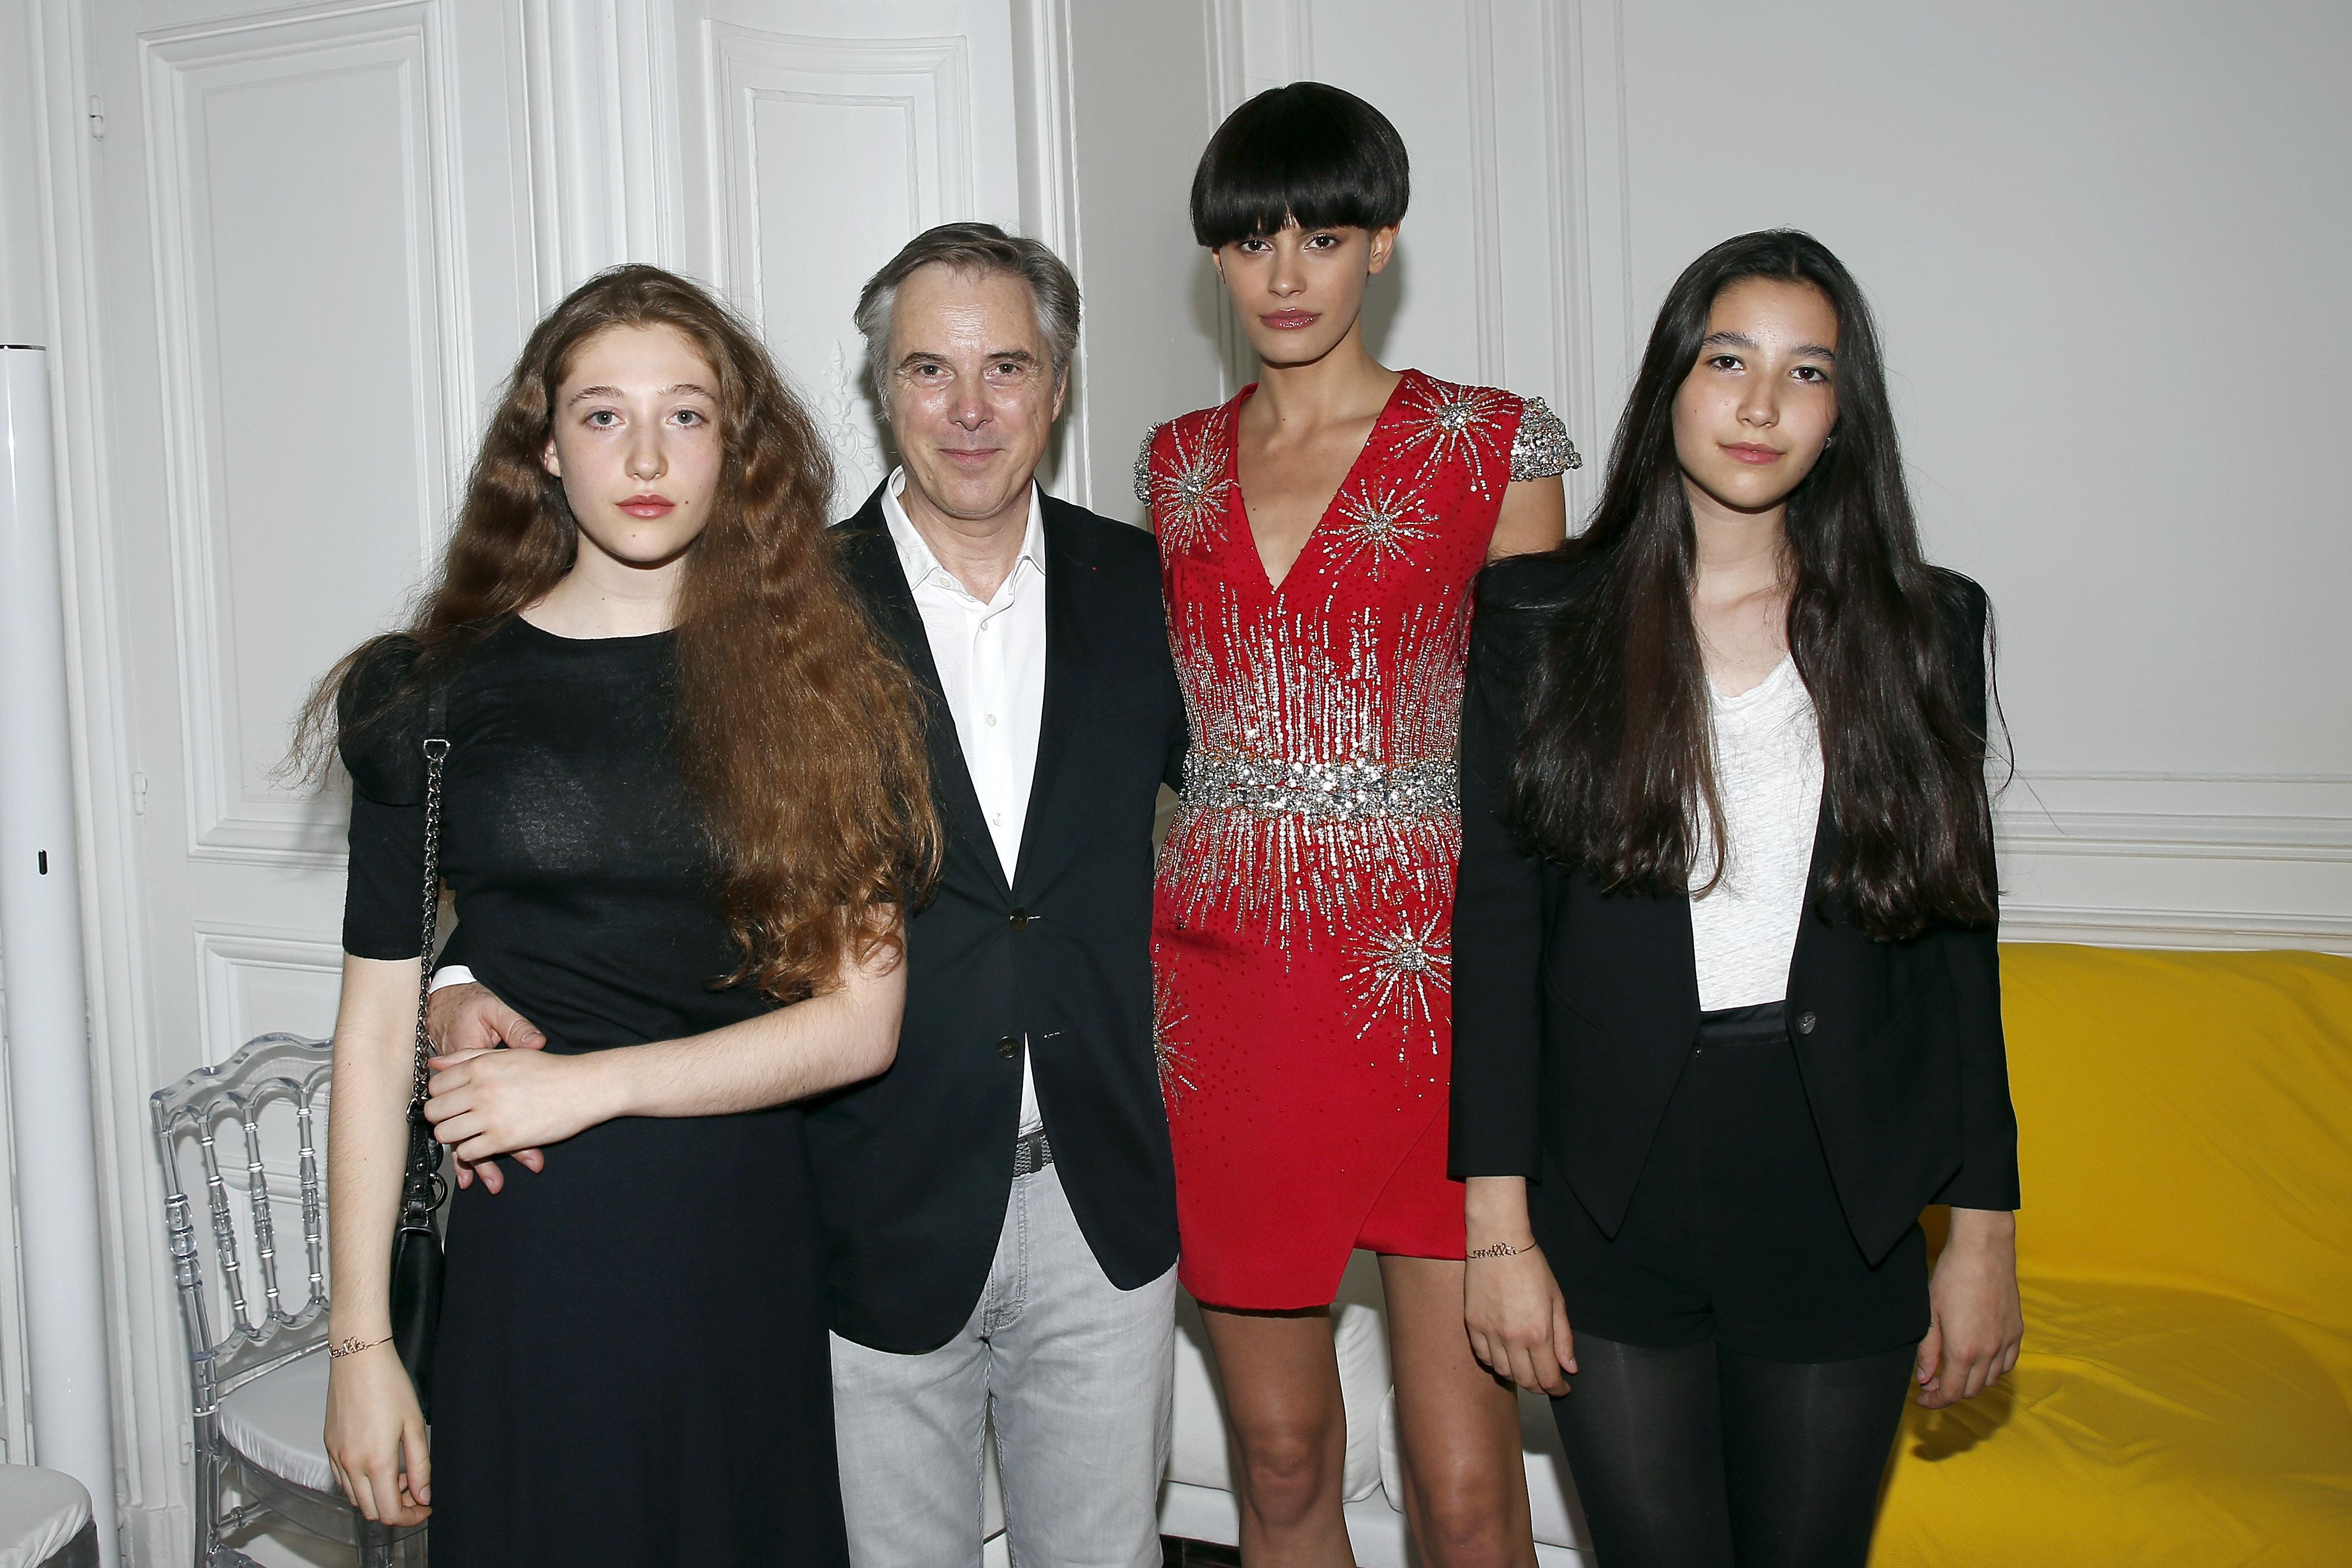 La Digitale Lapidus Couture Olivier Maison Au Lance Première De XkTZOPiu